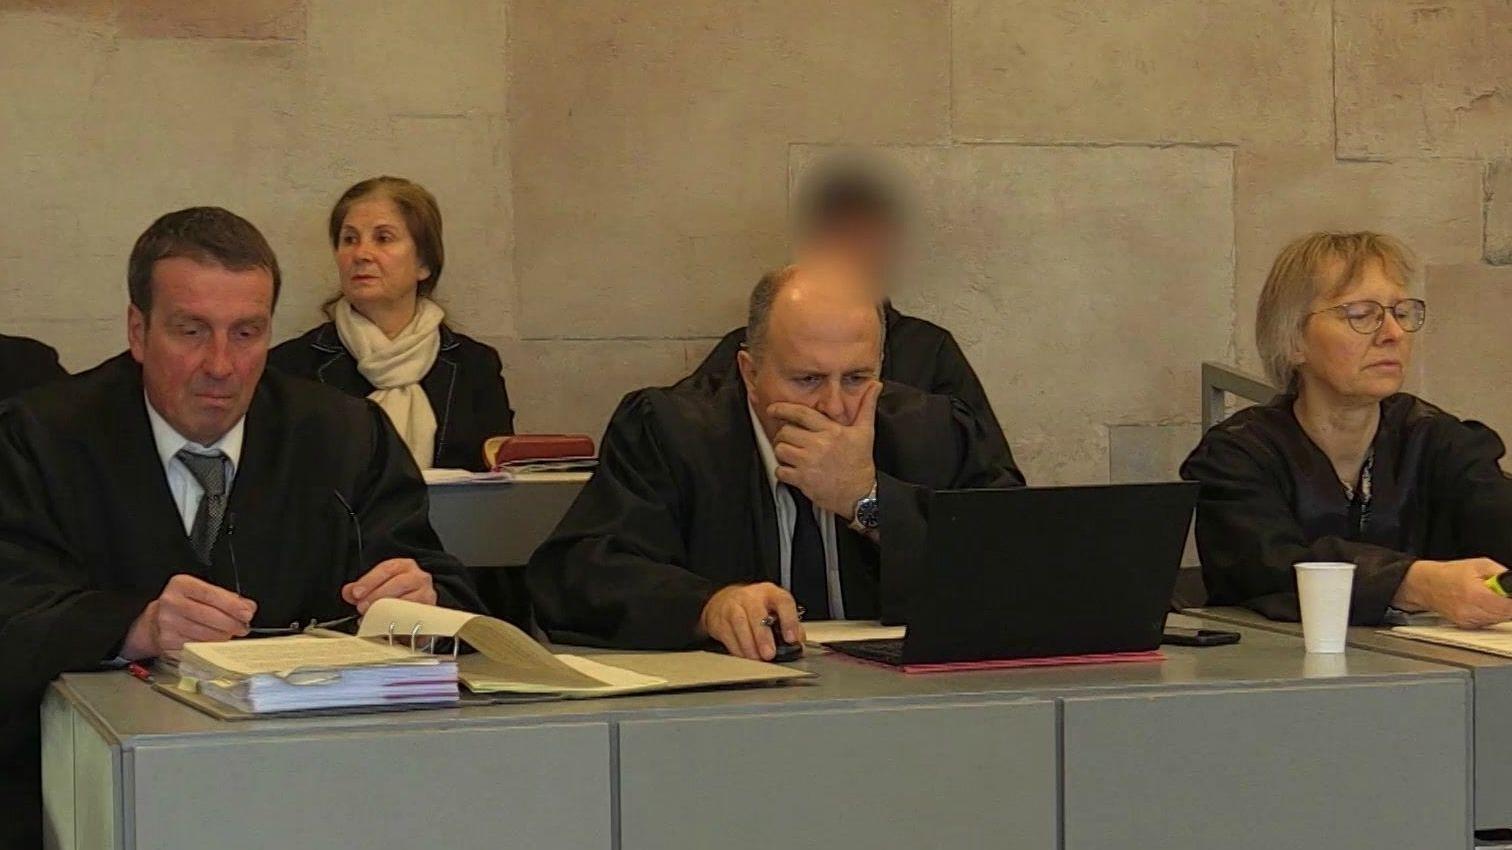 Prozess wegen versuchten Mordes und gefährlicher Körperverletzung in Ansbach